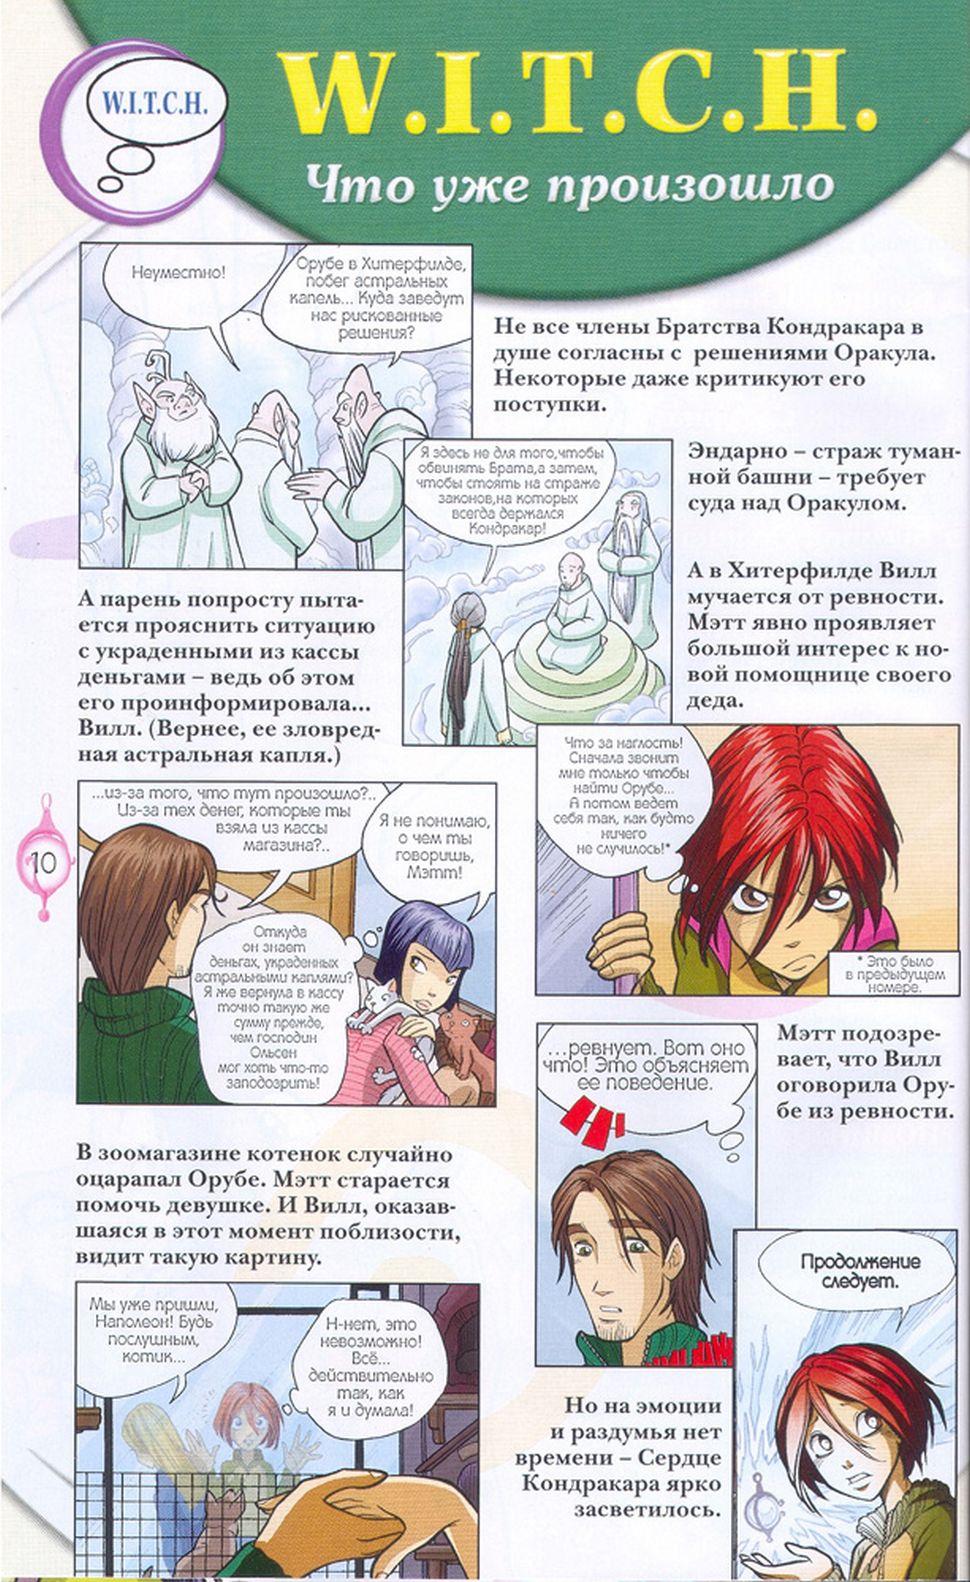 WITСH.Чародейки - Спор (Процесс). 4 сезон 37 серия